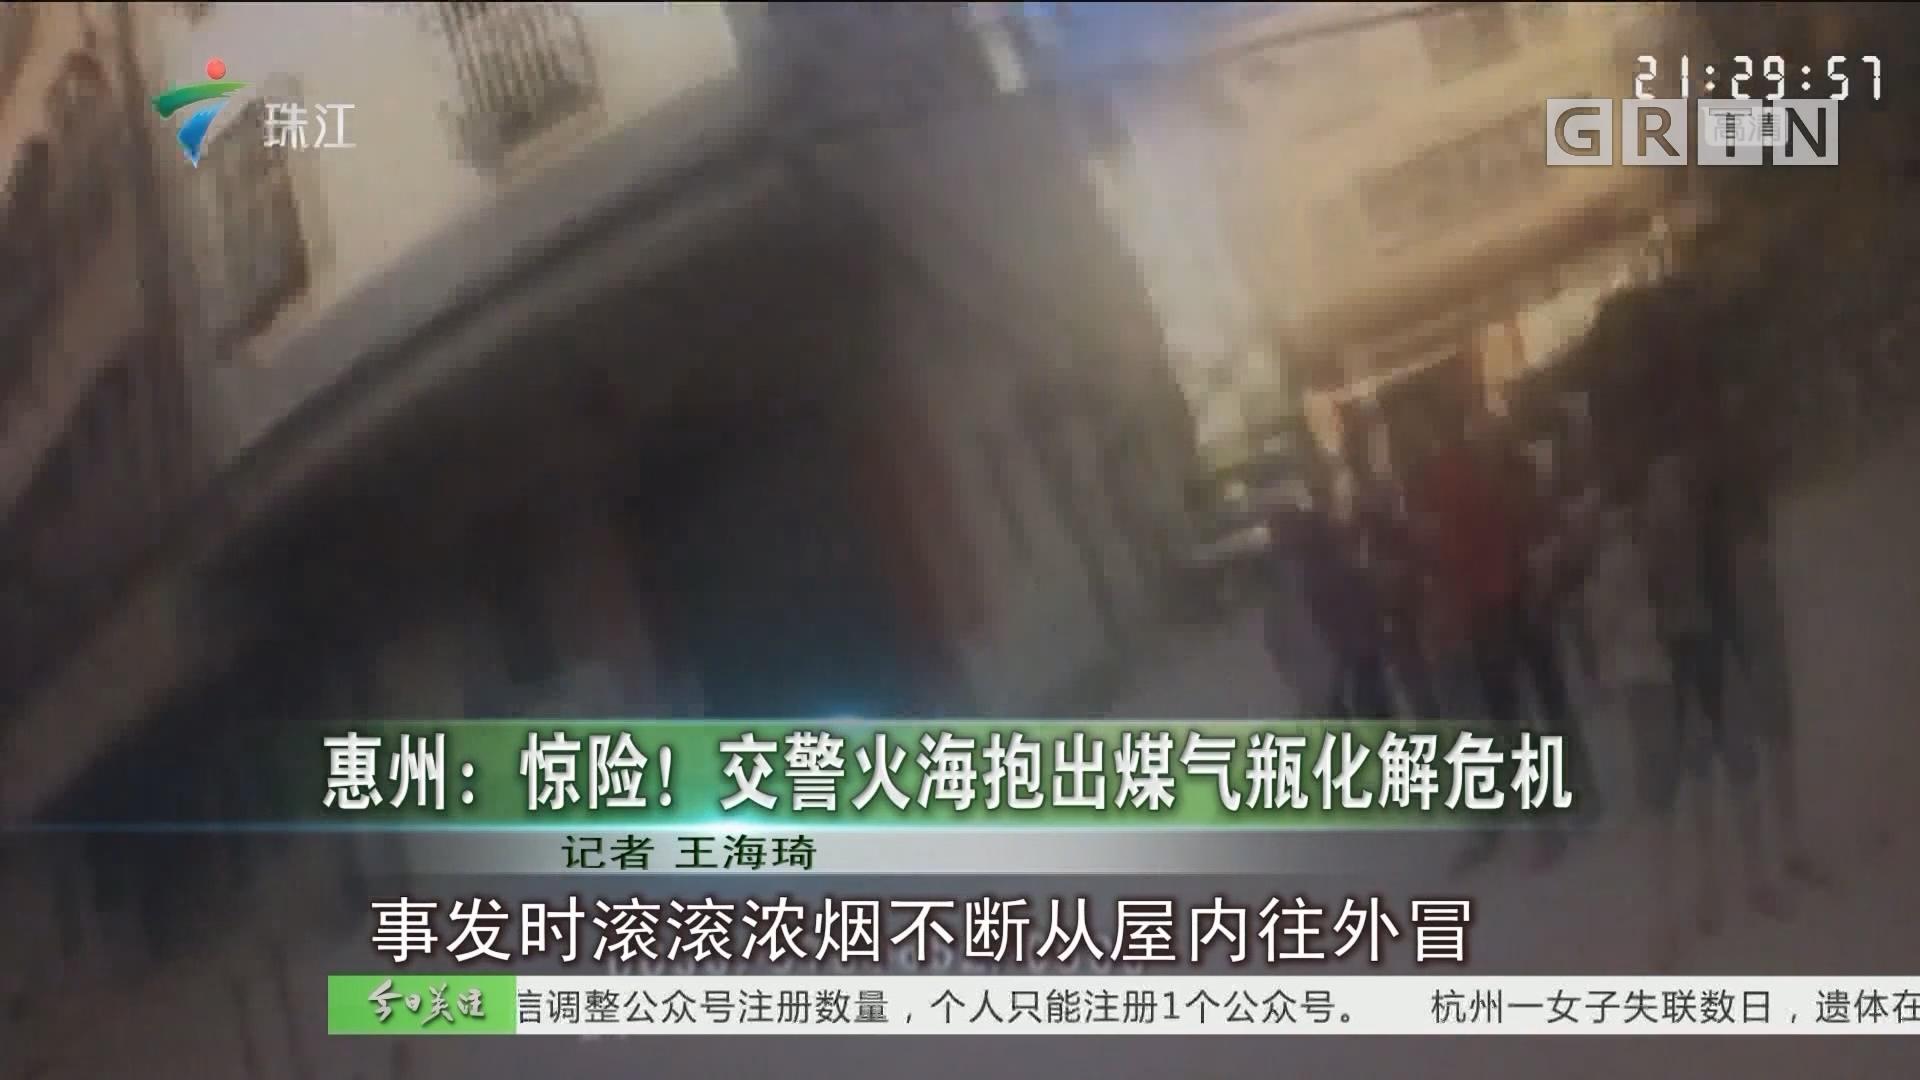 惠州:惊险!交警火海抱出煤气瓶化解危机